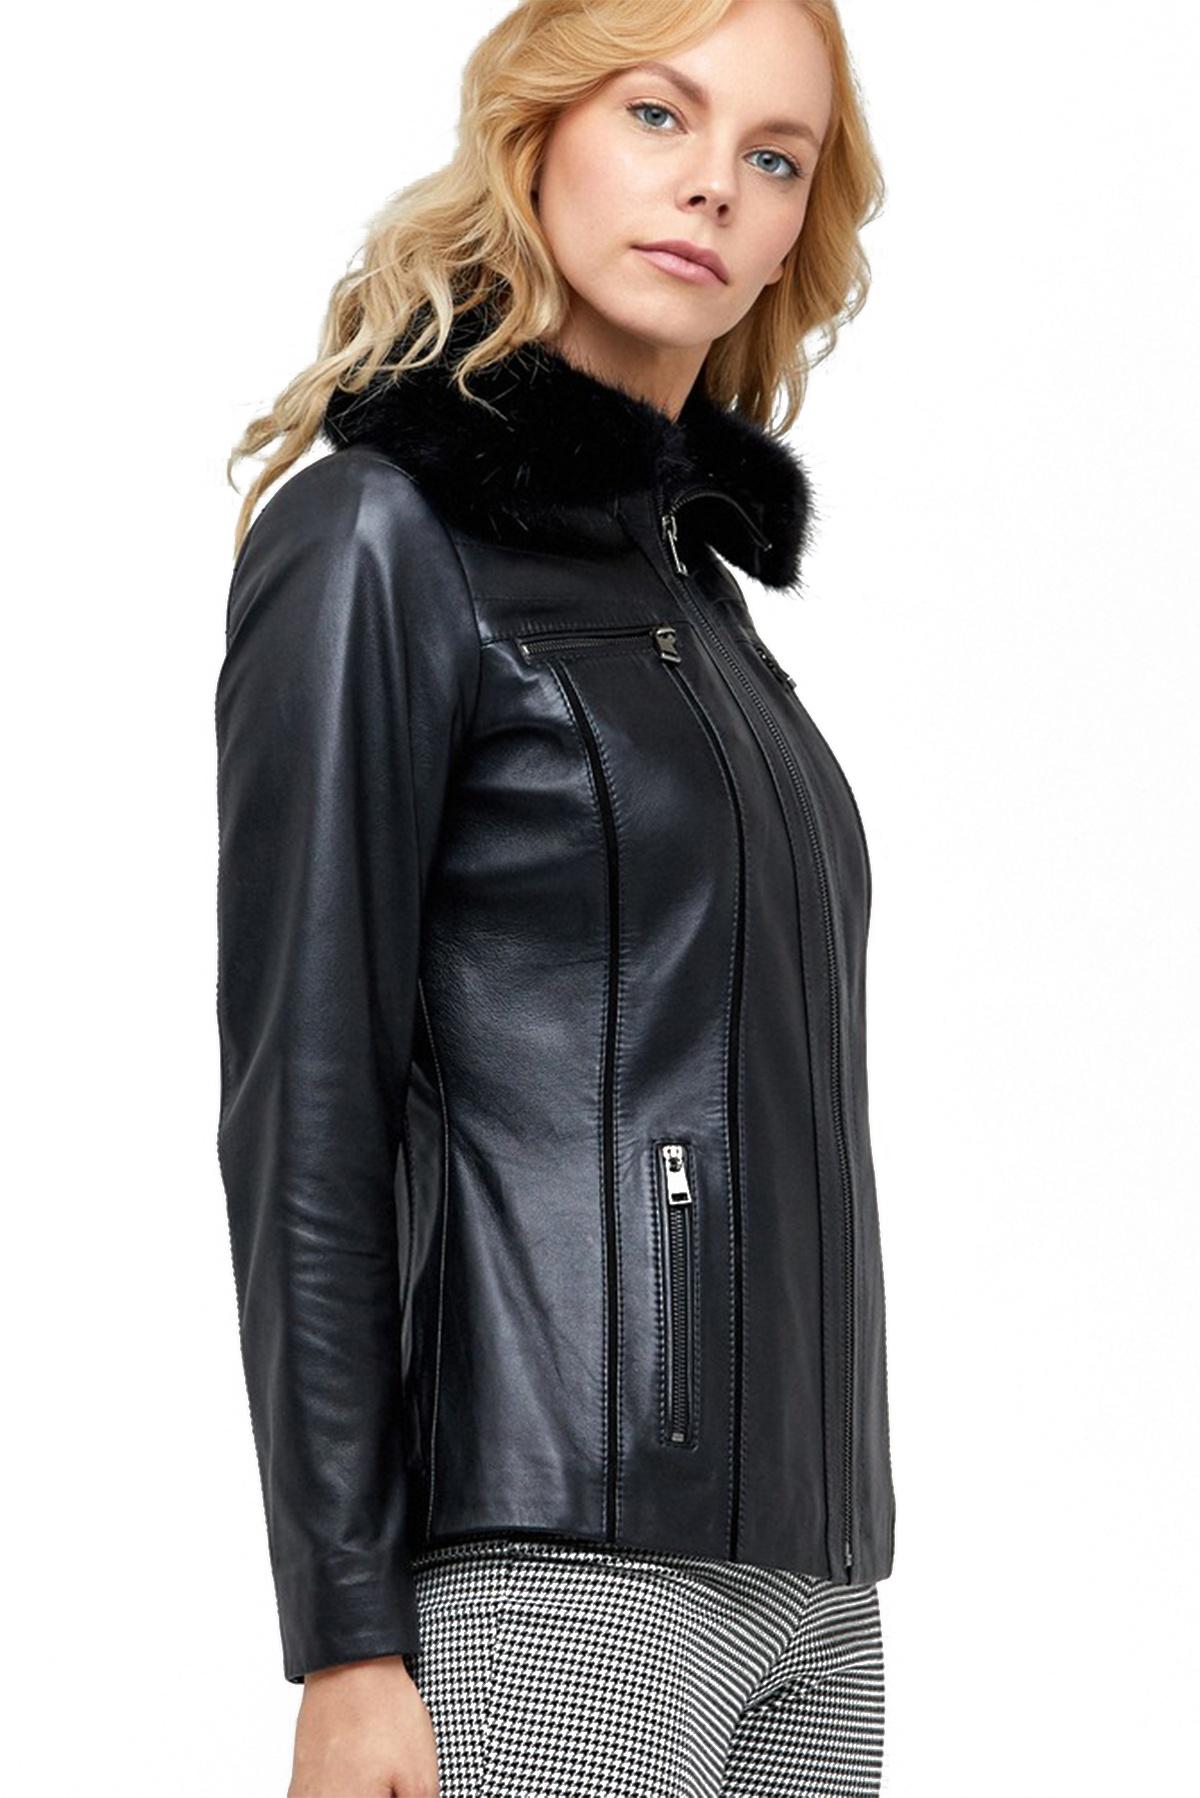 short black leather jacket womens